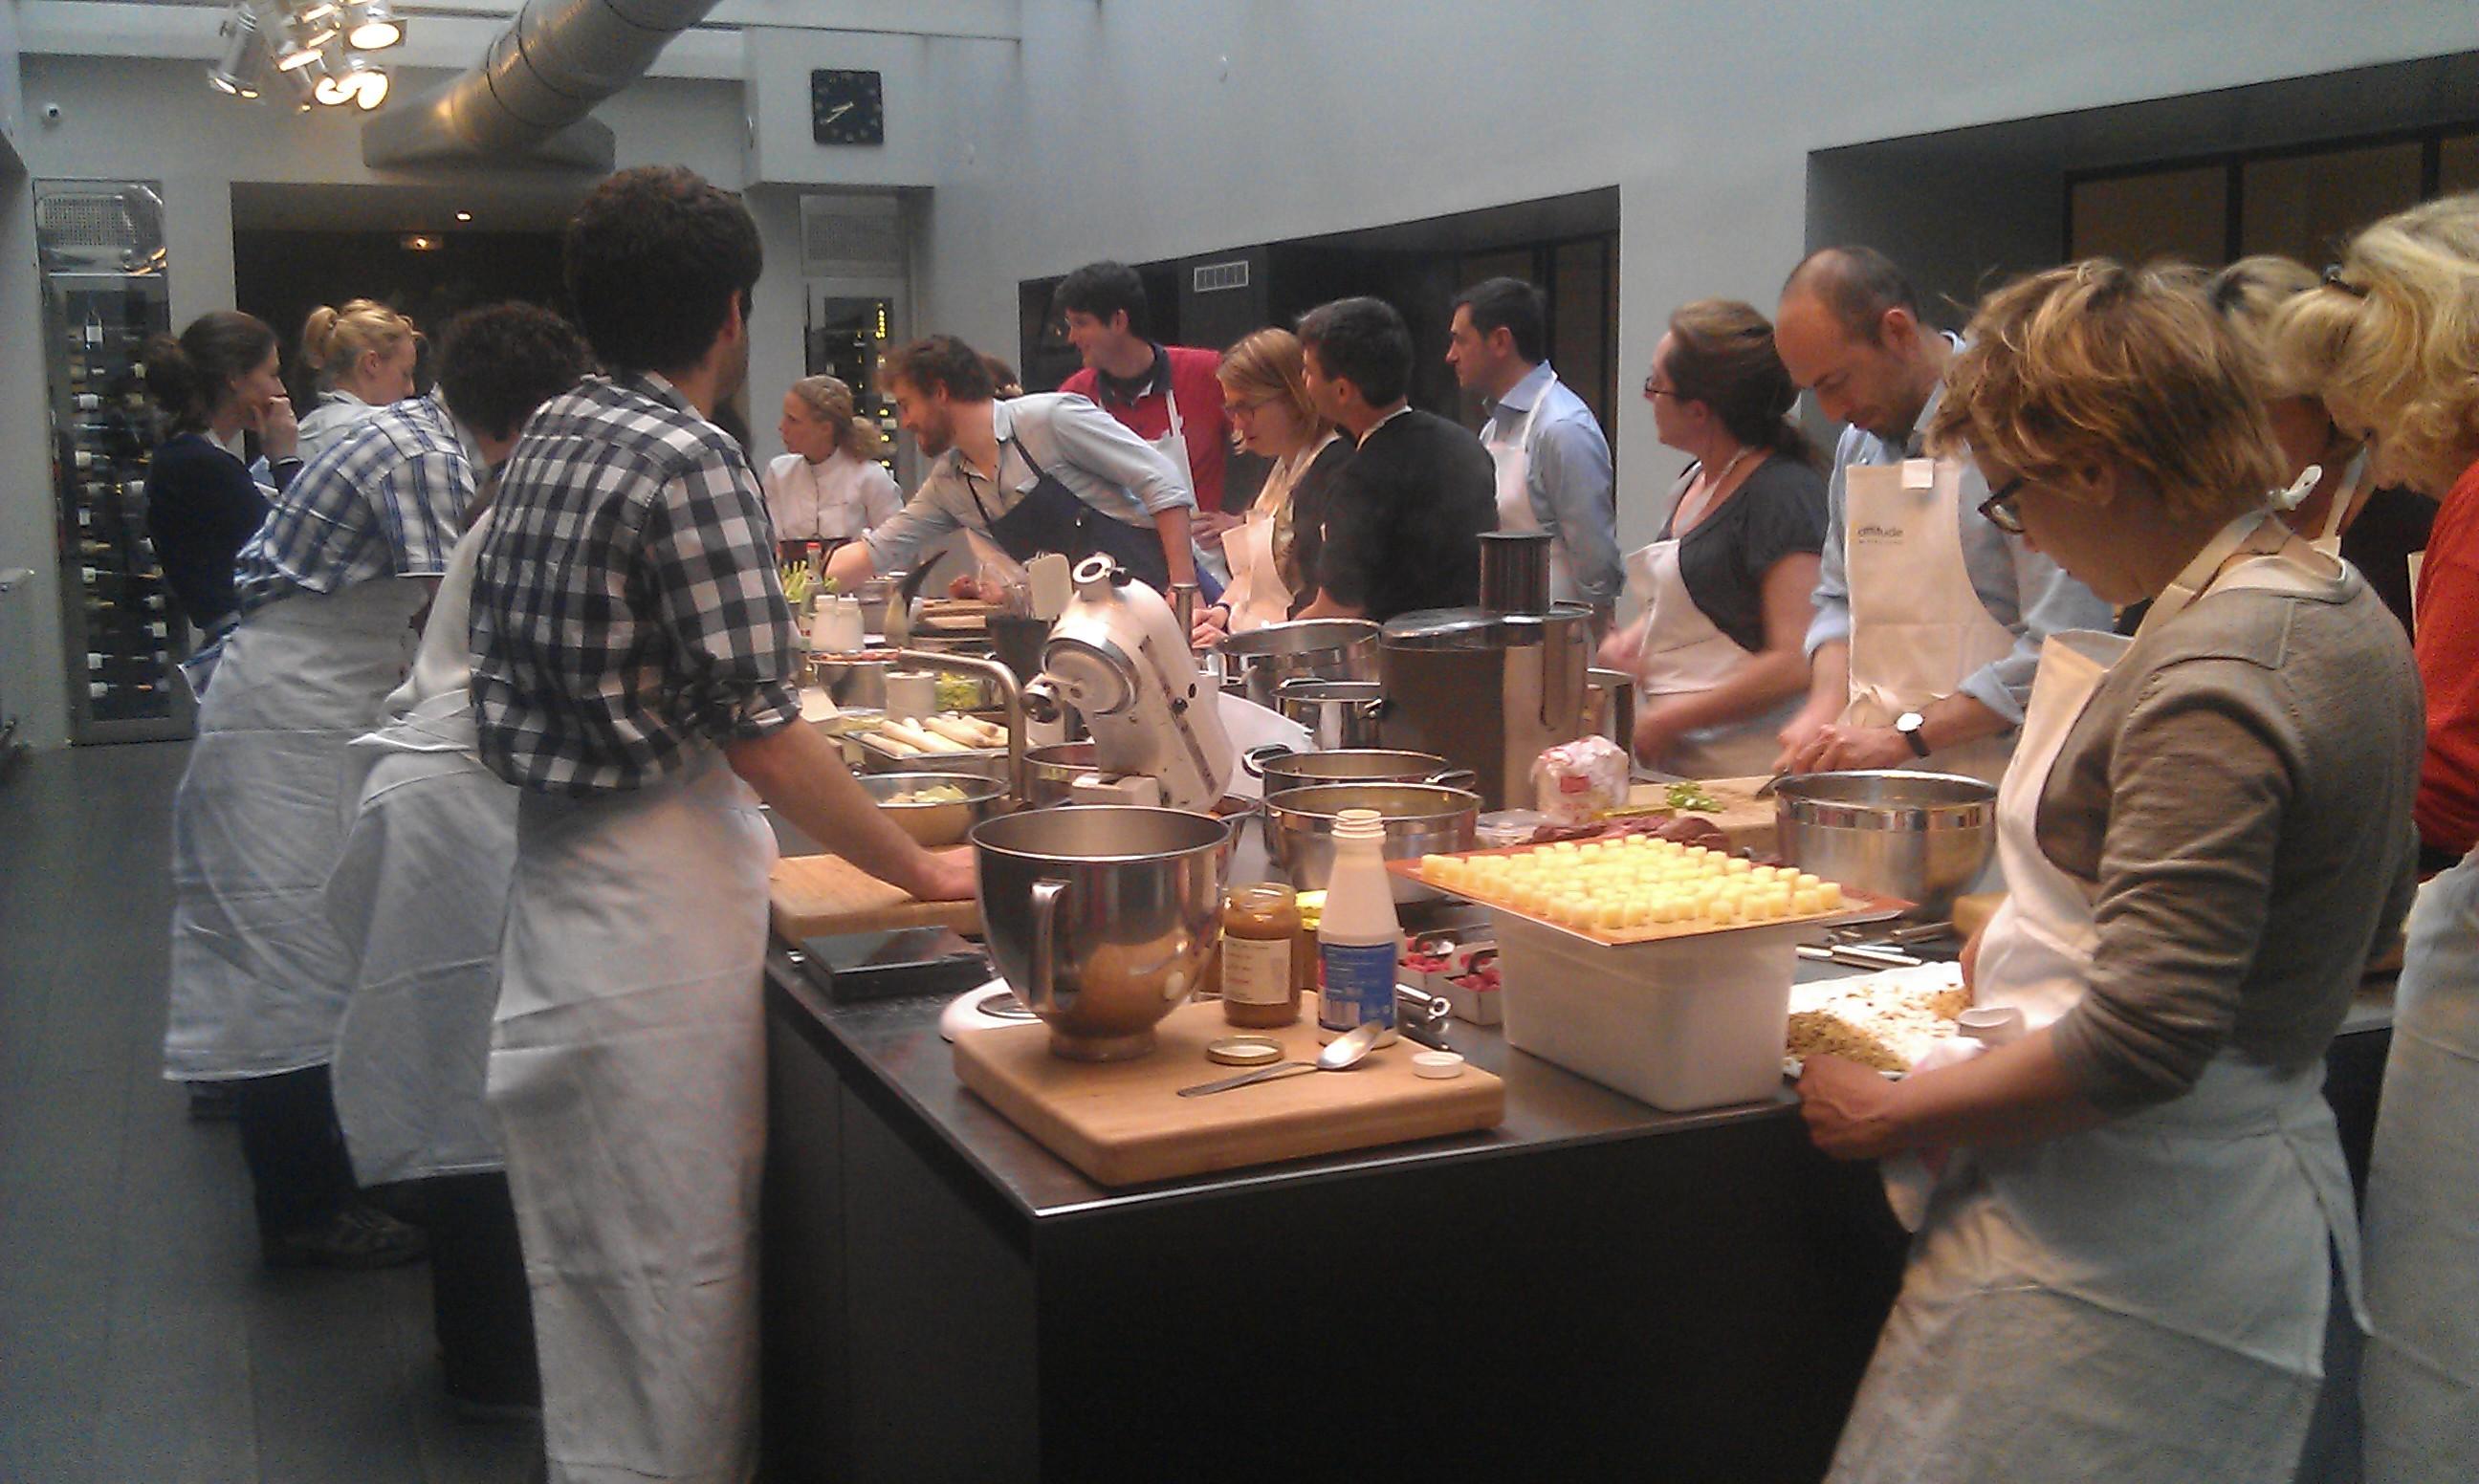 Une soir e exceptionnelle l atelier avec florent ladeyn for Atelier cuisine cyril lignac